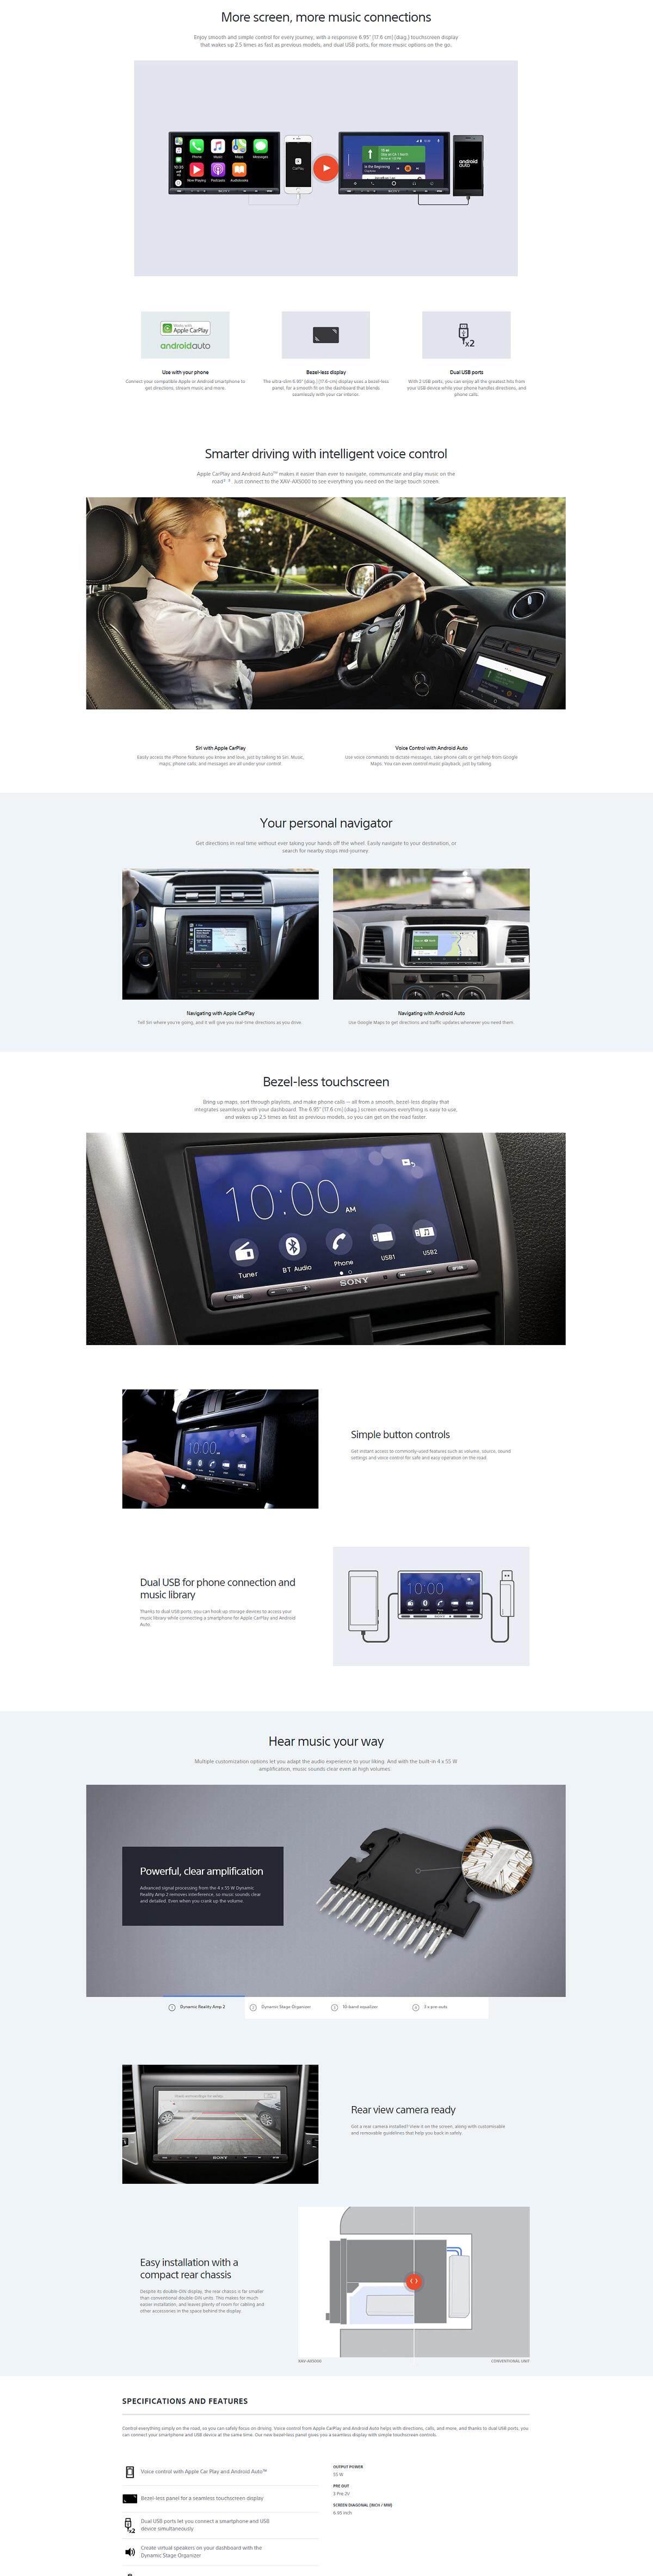 Sony XAV-AX5000 6 95